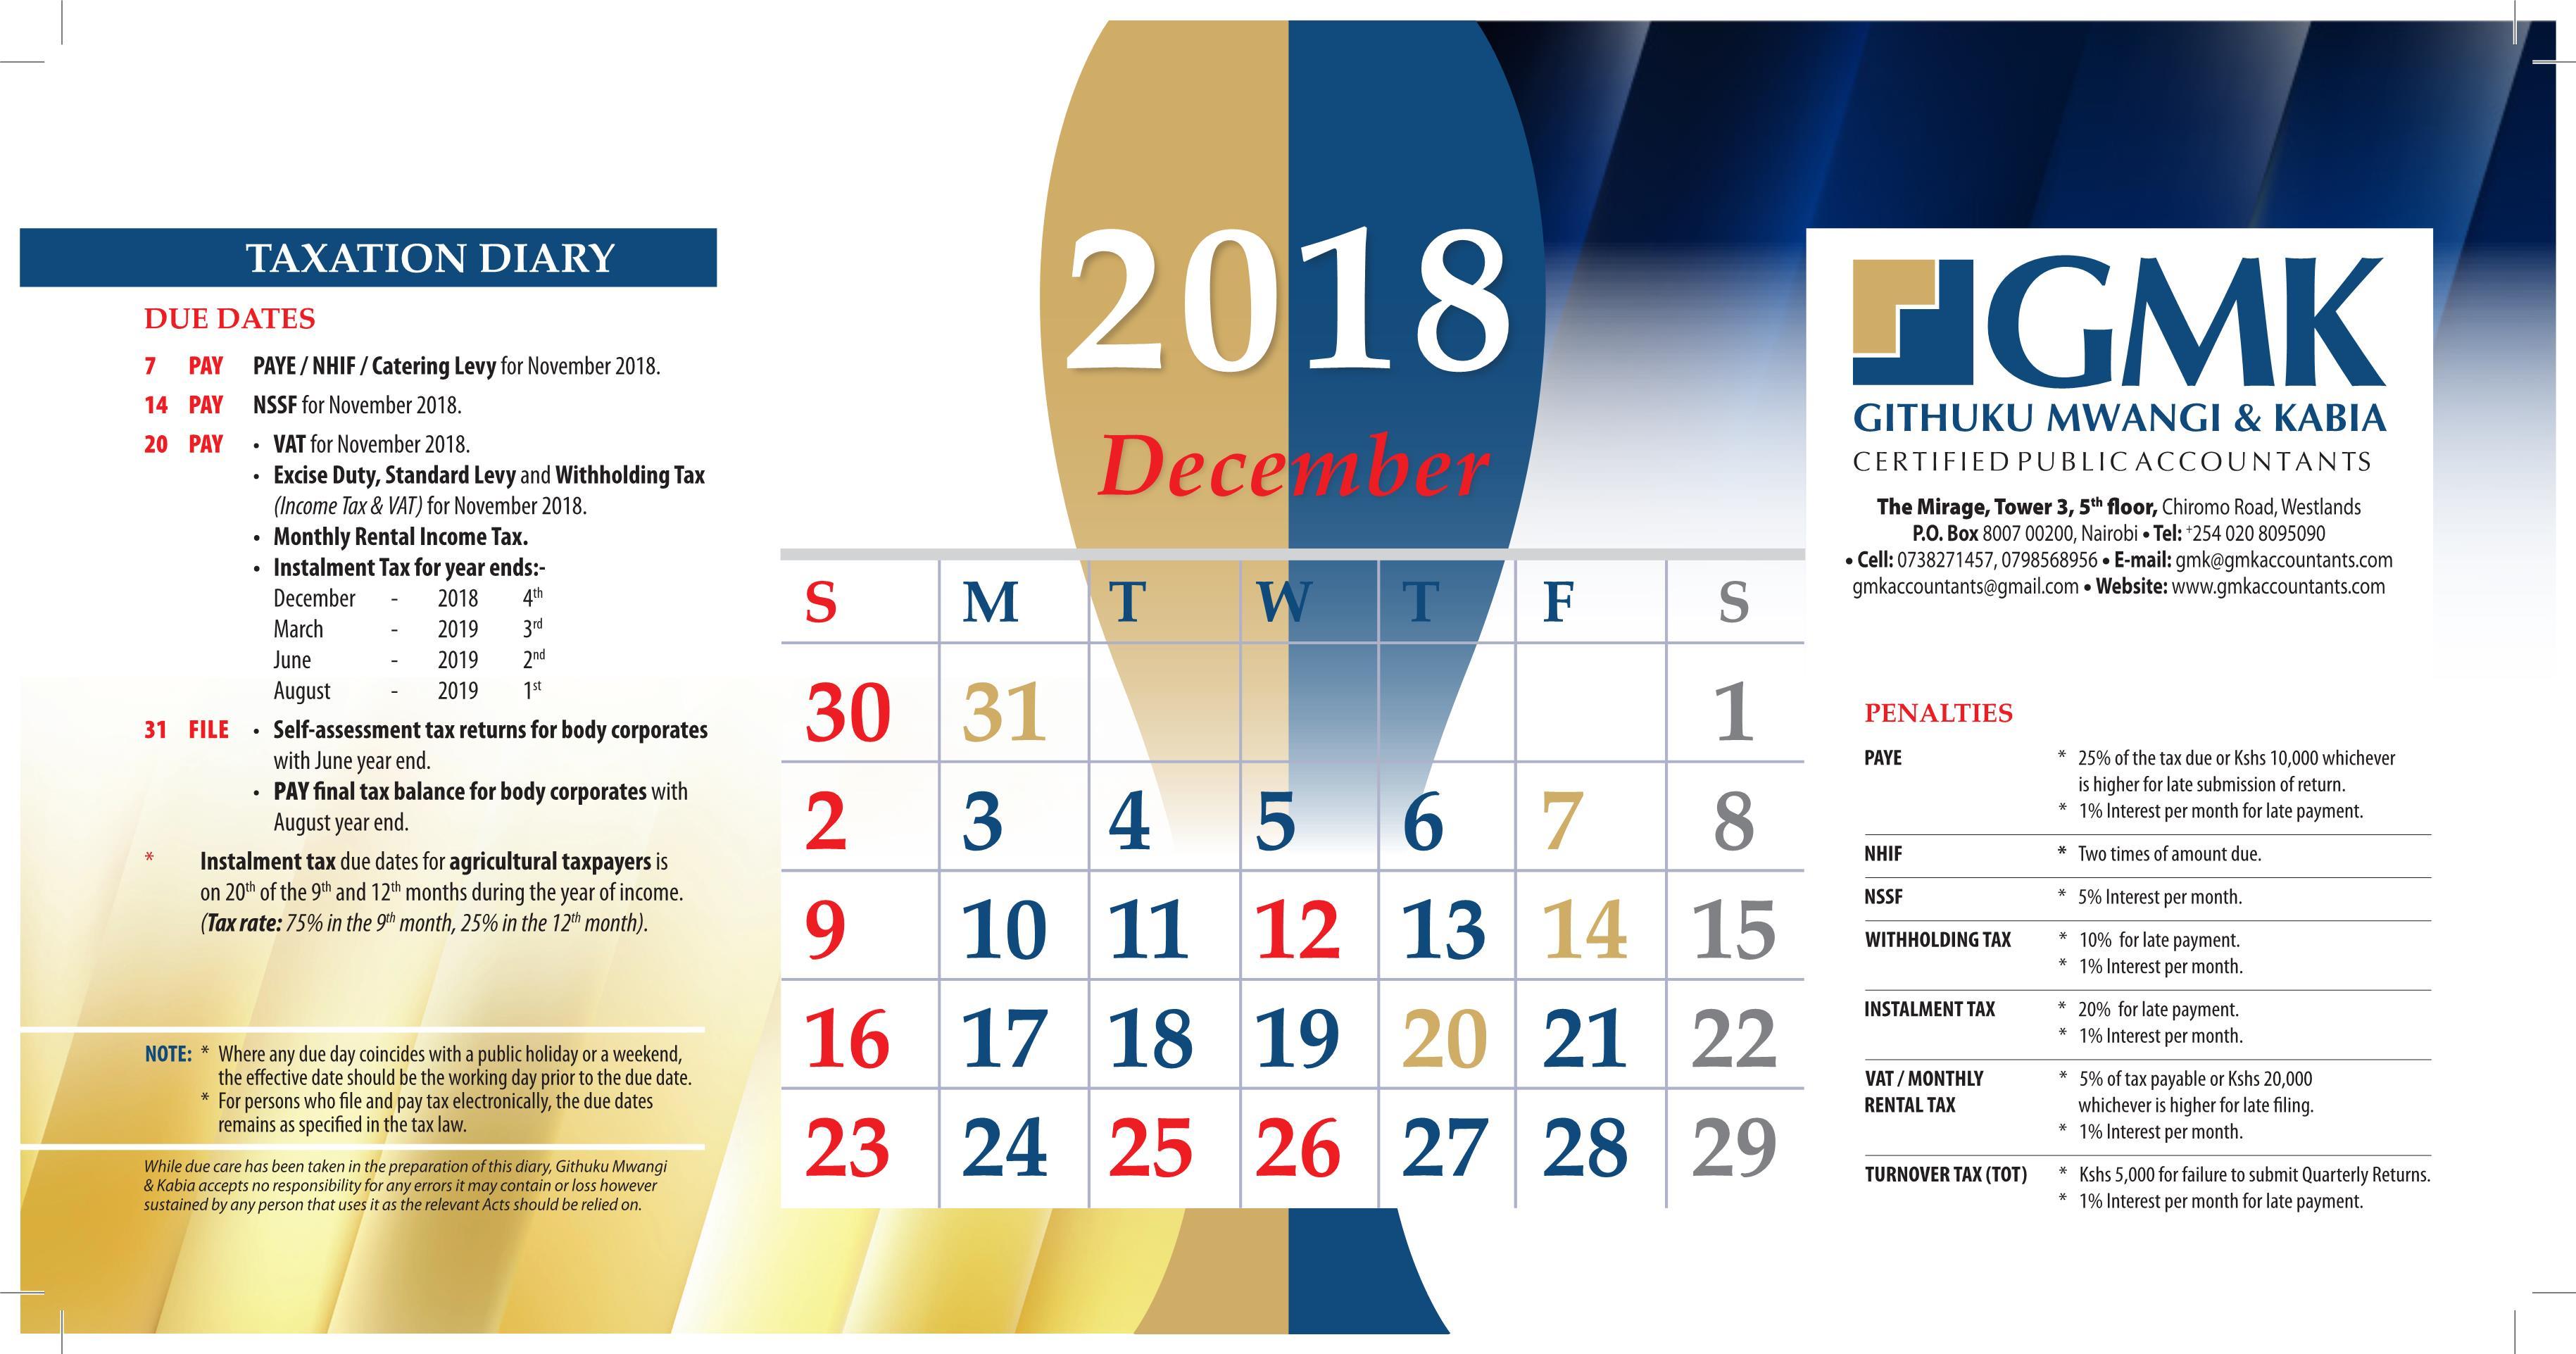 GMK Taxation Calendar: DECEMBER 2018